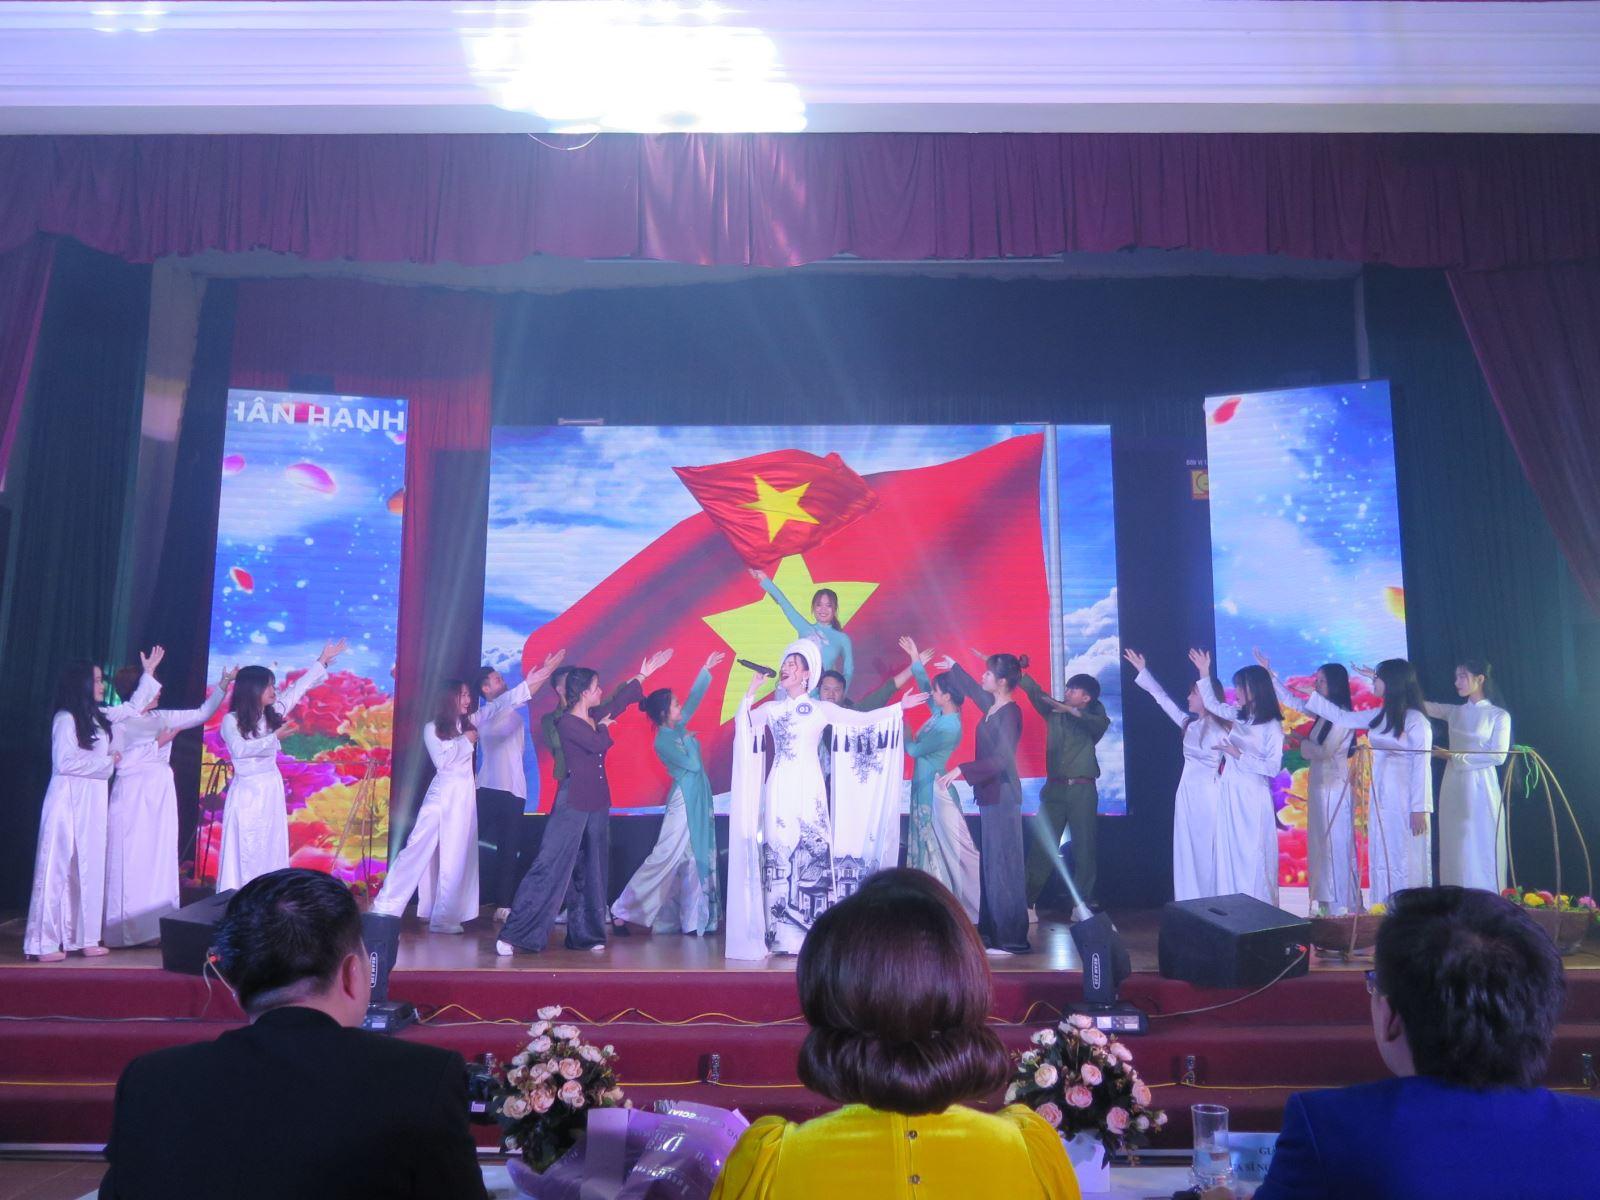 Phóng sự ảnh: Chung kết Tiếng hát sinh viên Học viện Phụ nữ Việt Nam